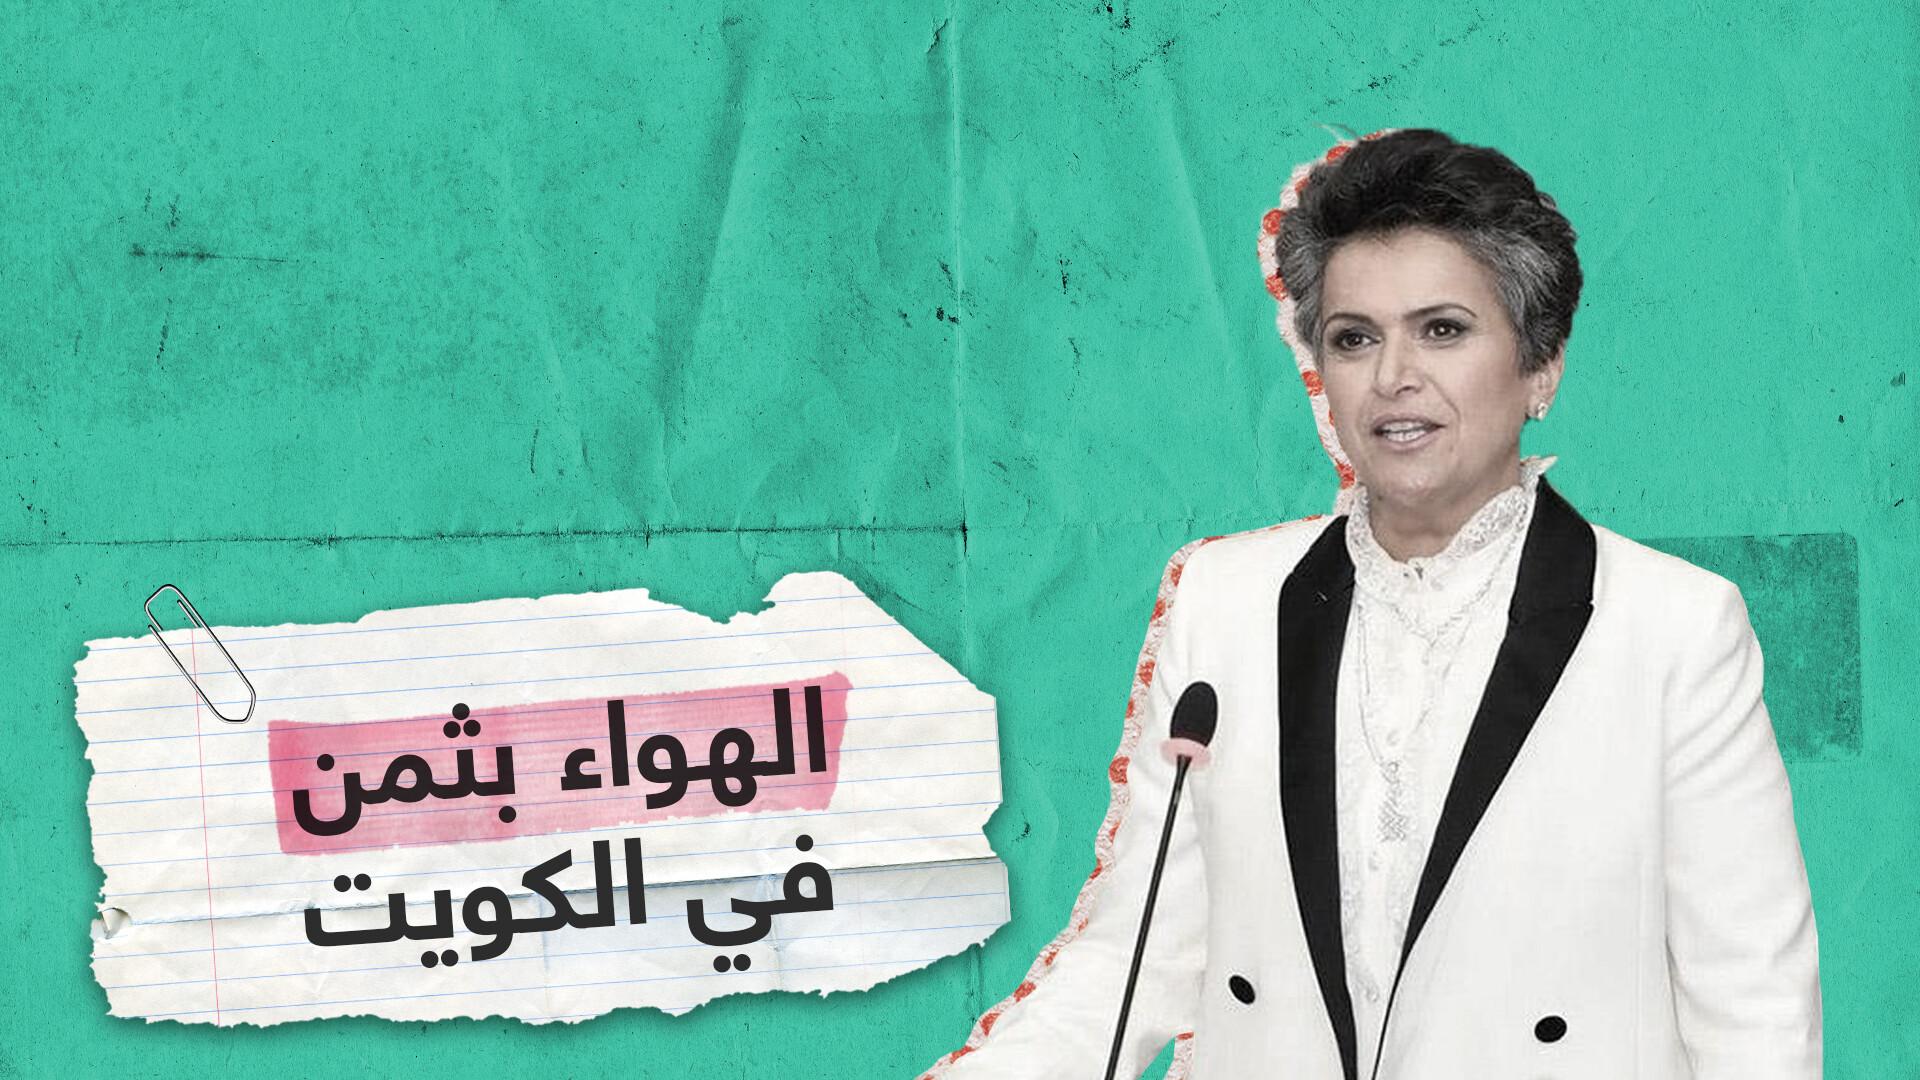 """نائبة كويتية تدعو لفرض رسوم على الوافدين مقابل """"تنفس الهواء"""""""